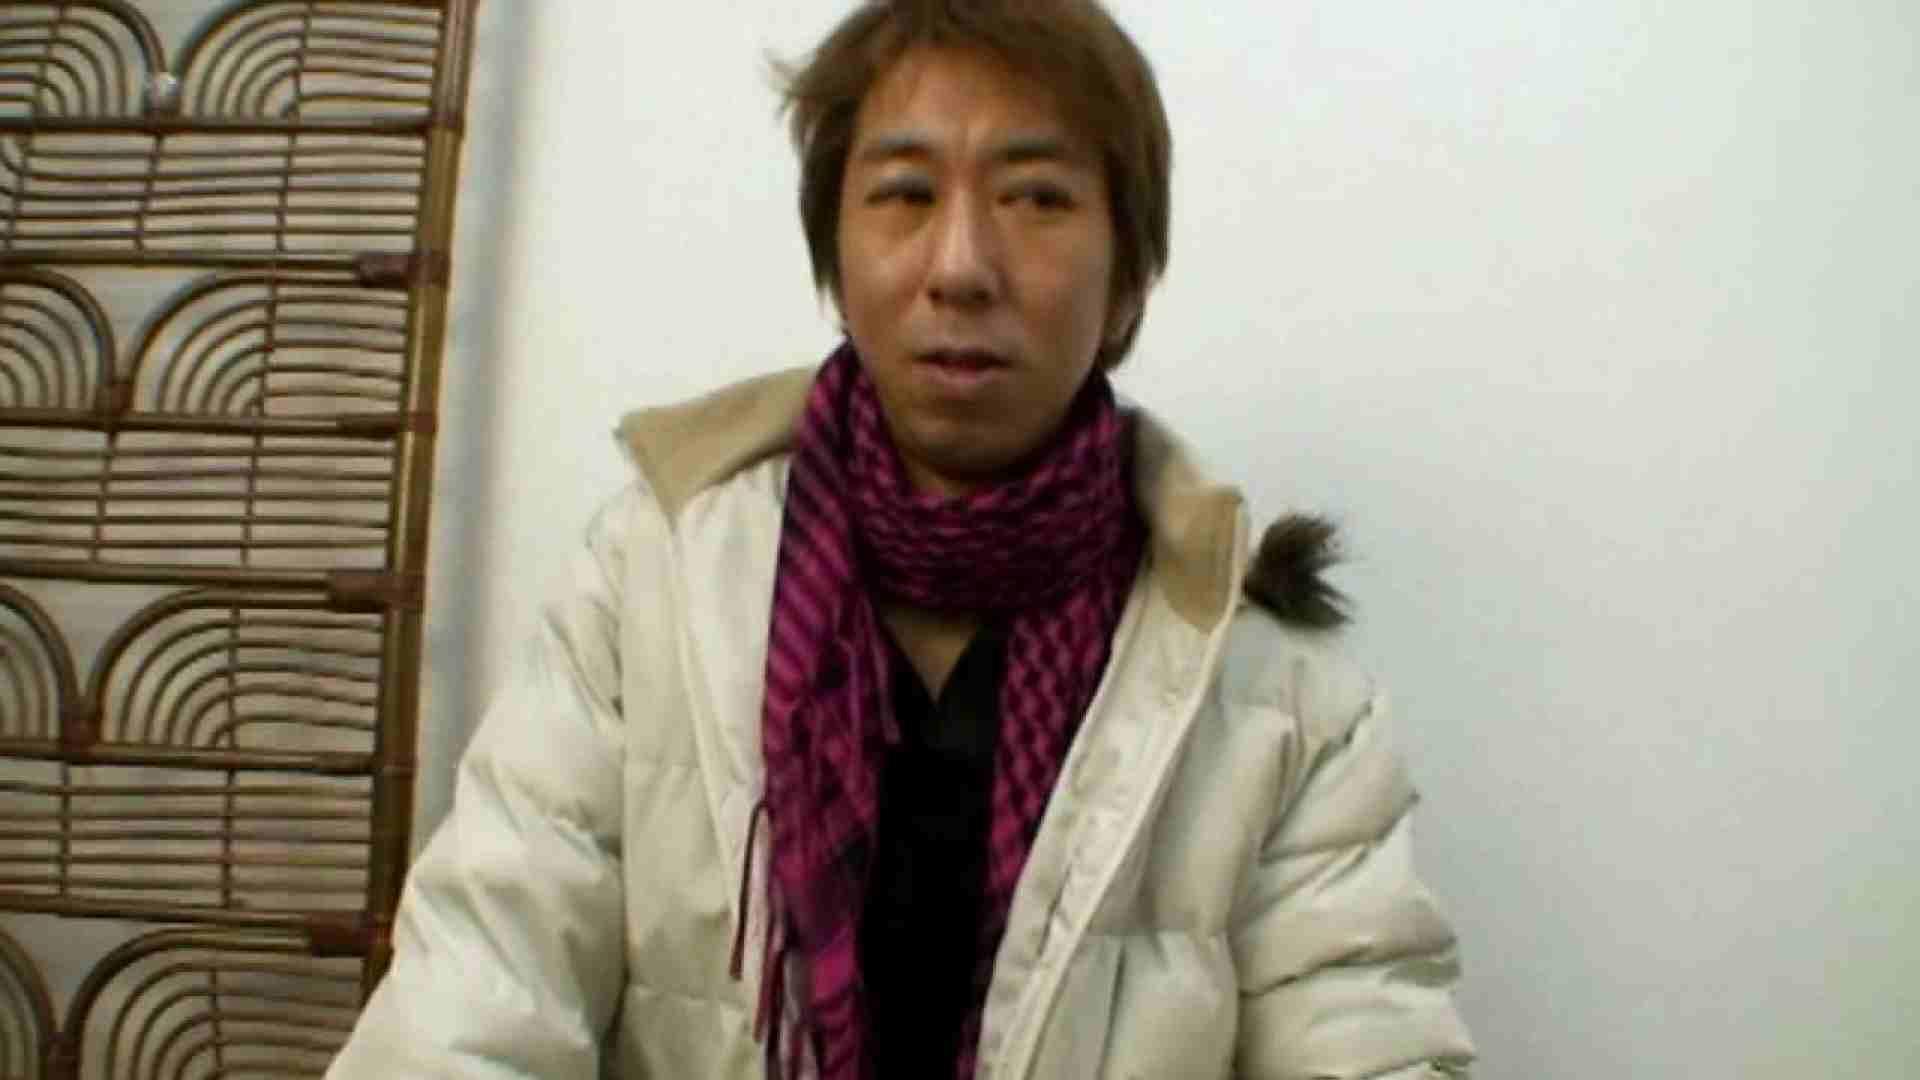 ノンケ!自慰スタジオ No.20 ゲイのオナニー映像  94枚 28